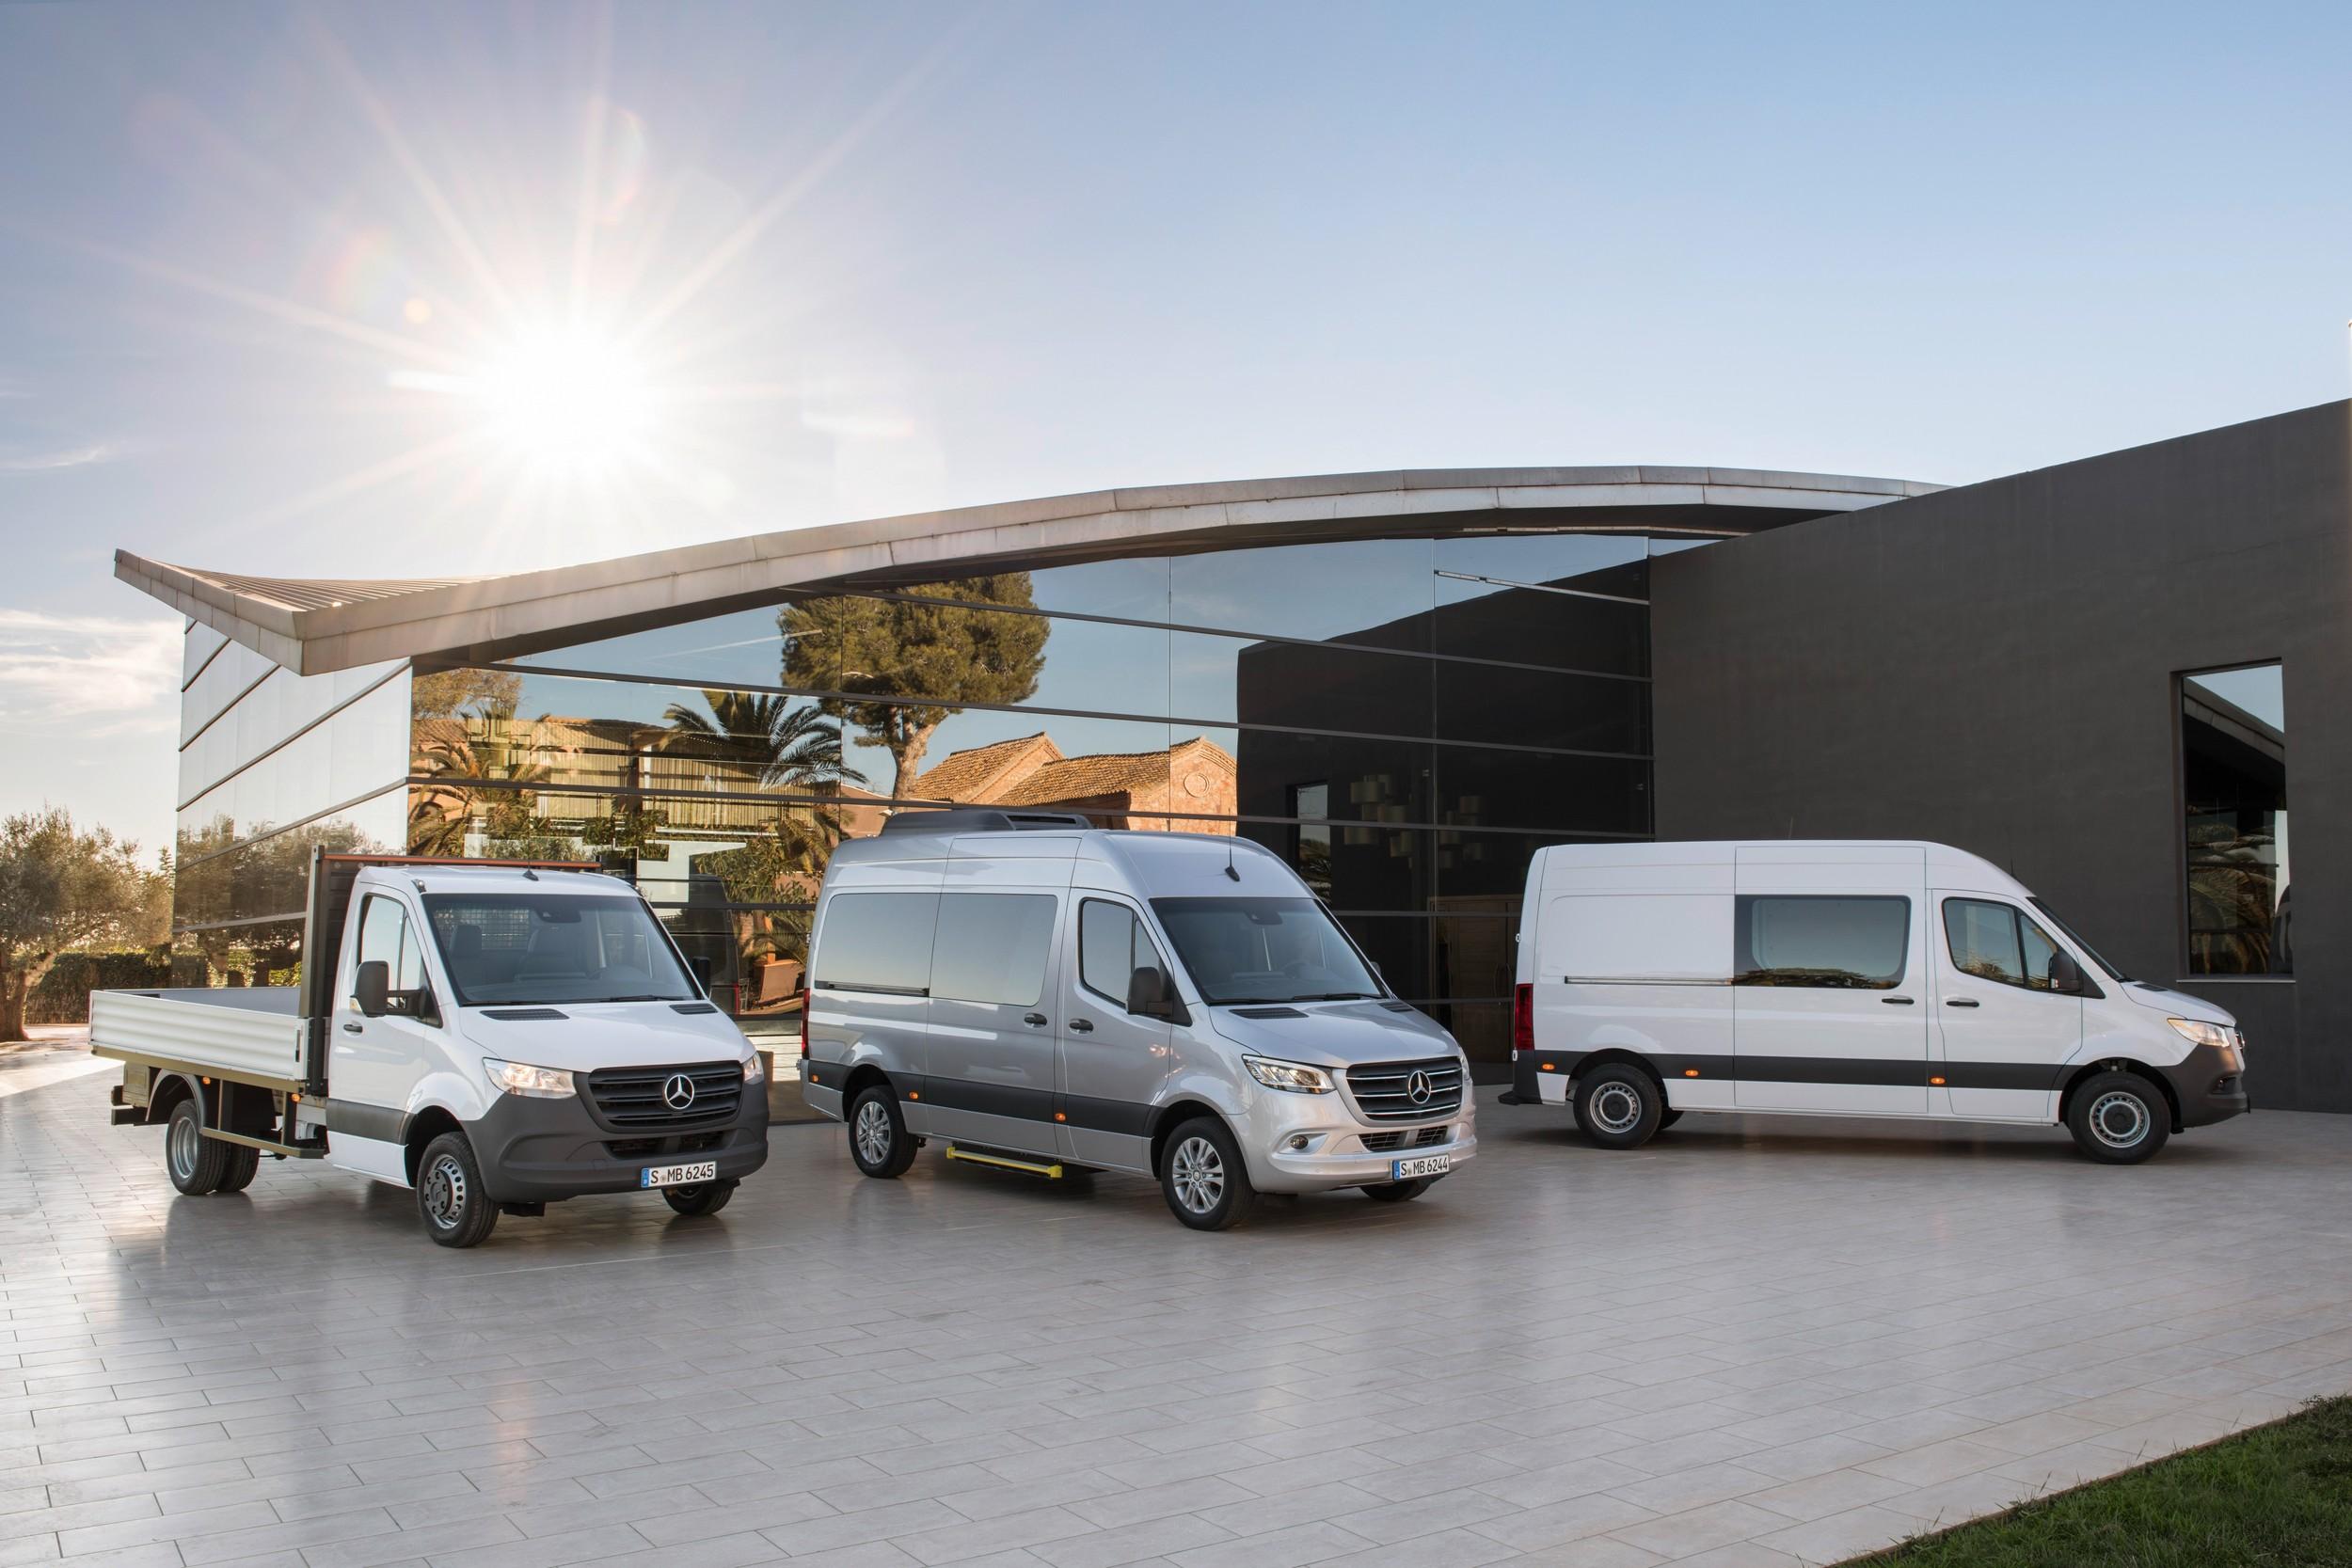 Mercedes-Benz al Salone del Camper con i nuovi Van Marco Polo/Horizon e Sprinter - Quotidiano Motori